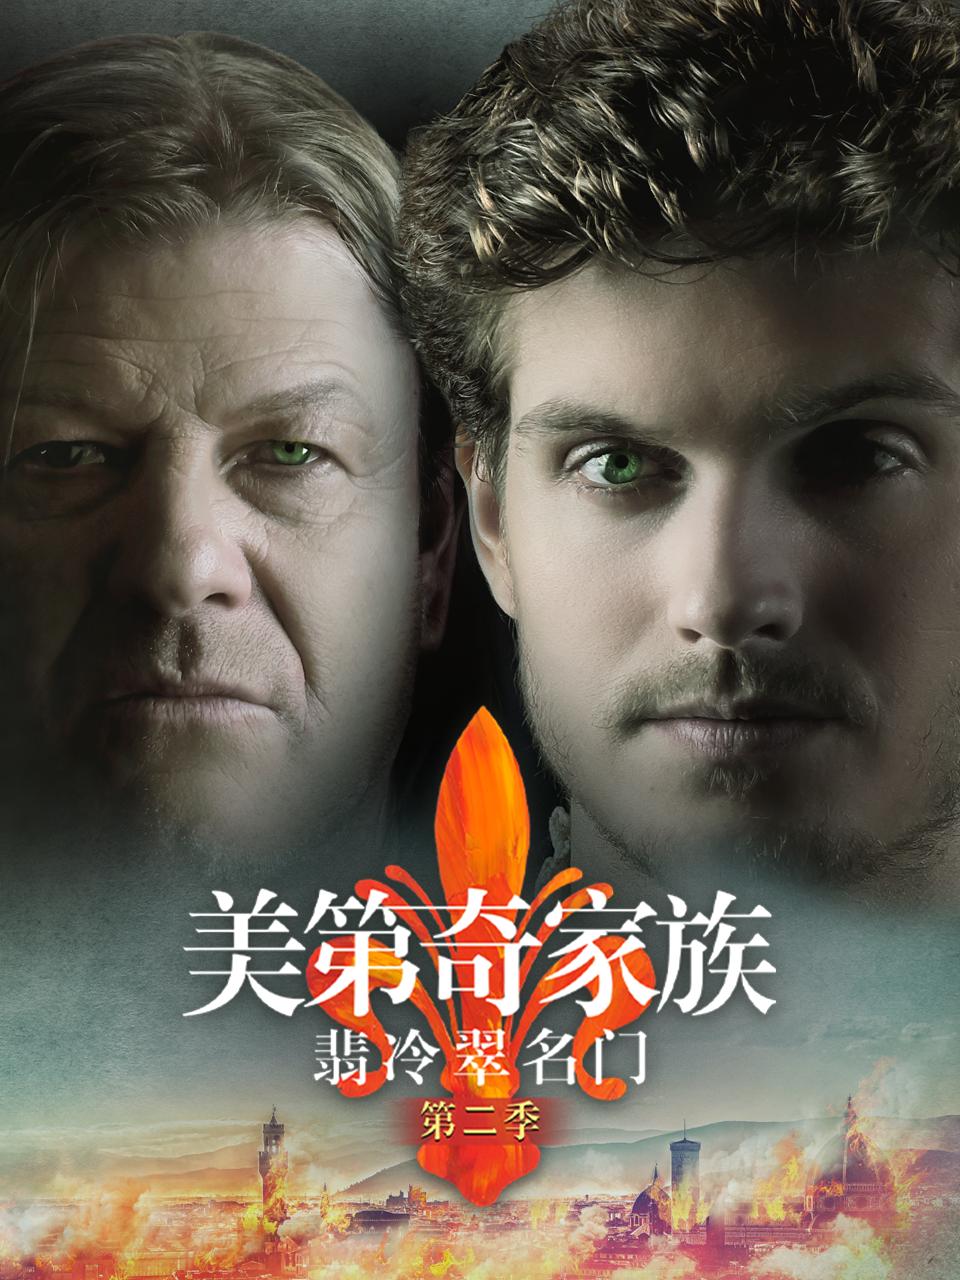 美第奇家族:翡冷翠名门第二季